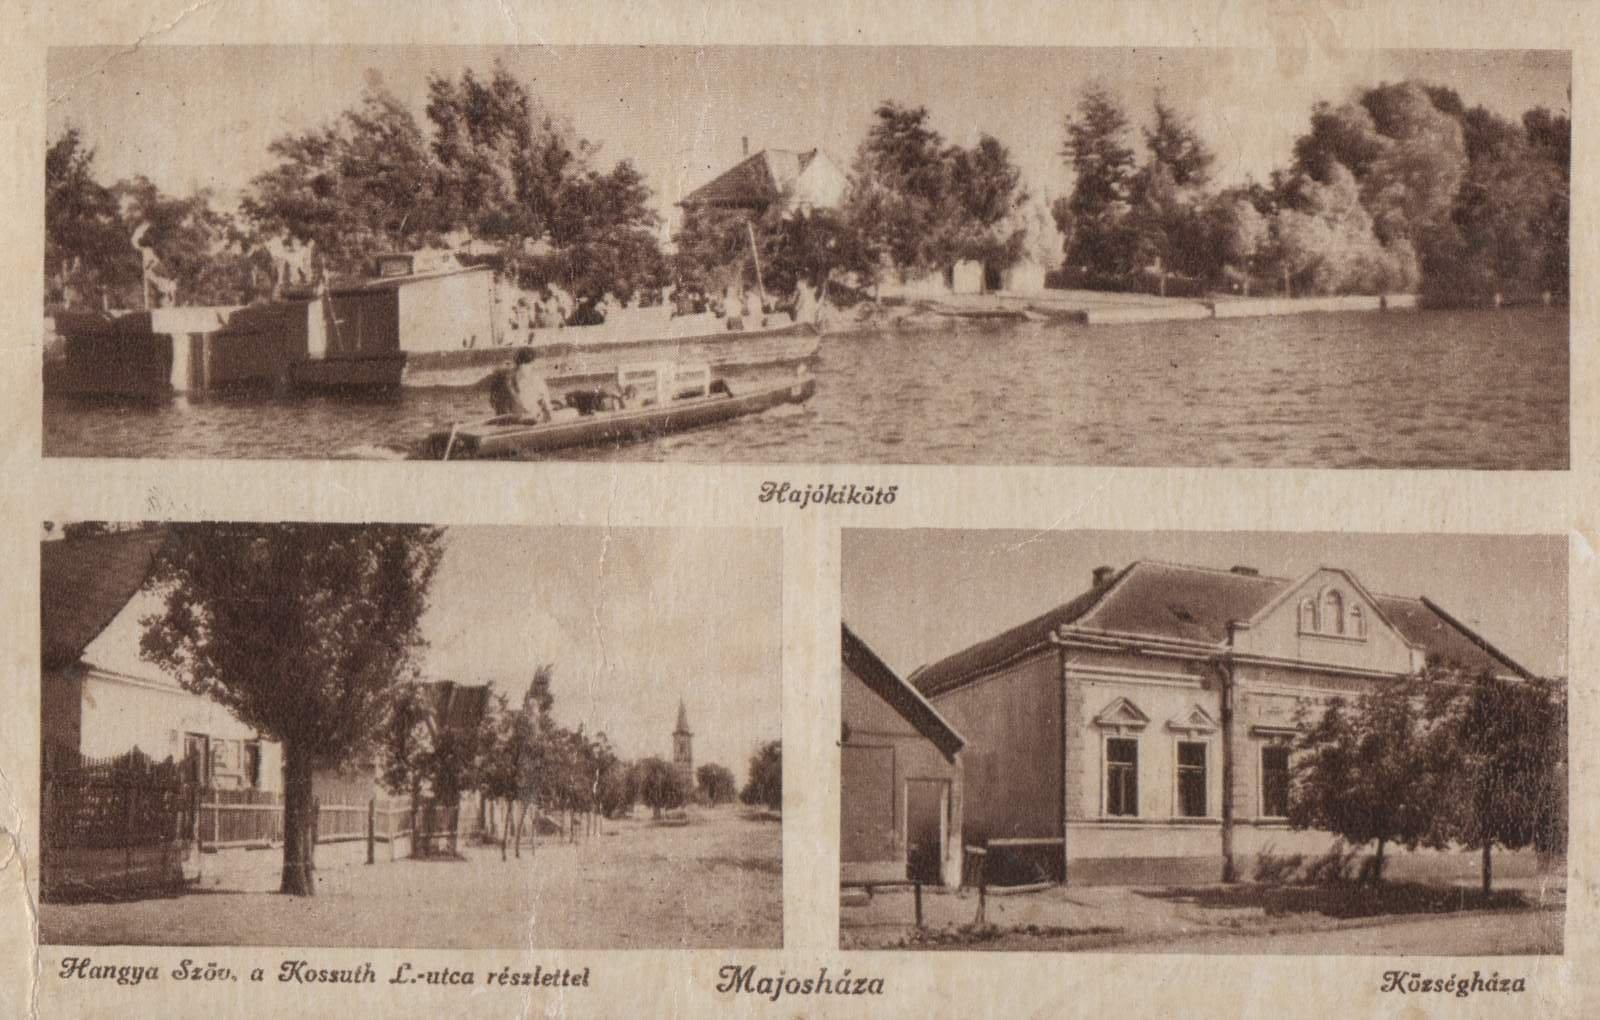 http://www.kisdunainagyhajok.hu/kis-dunai_hajok_regen/kis-dunai_rsd_setahajok_uszalyok_regen_024.jpg